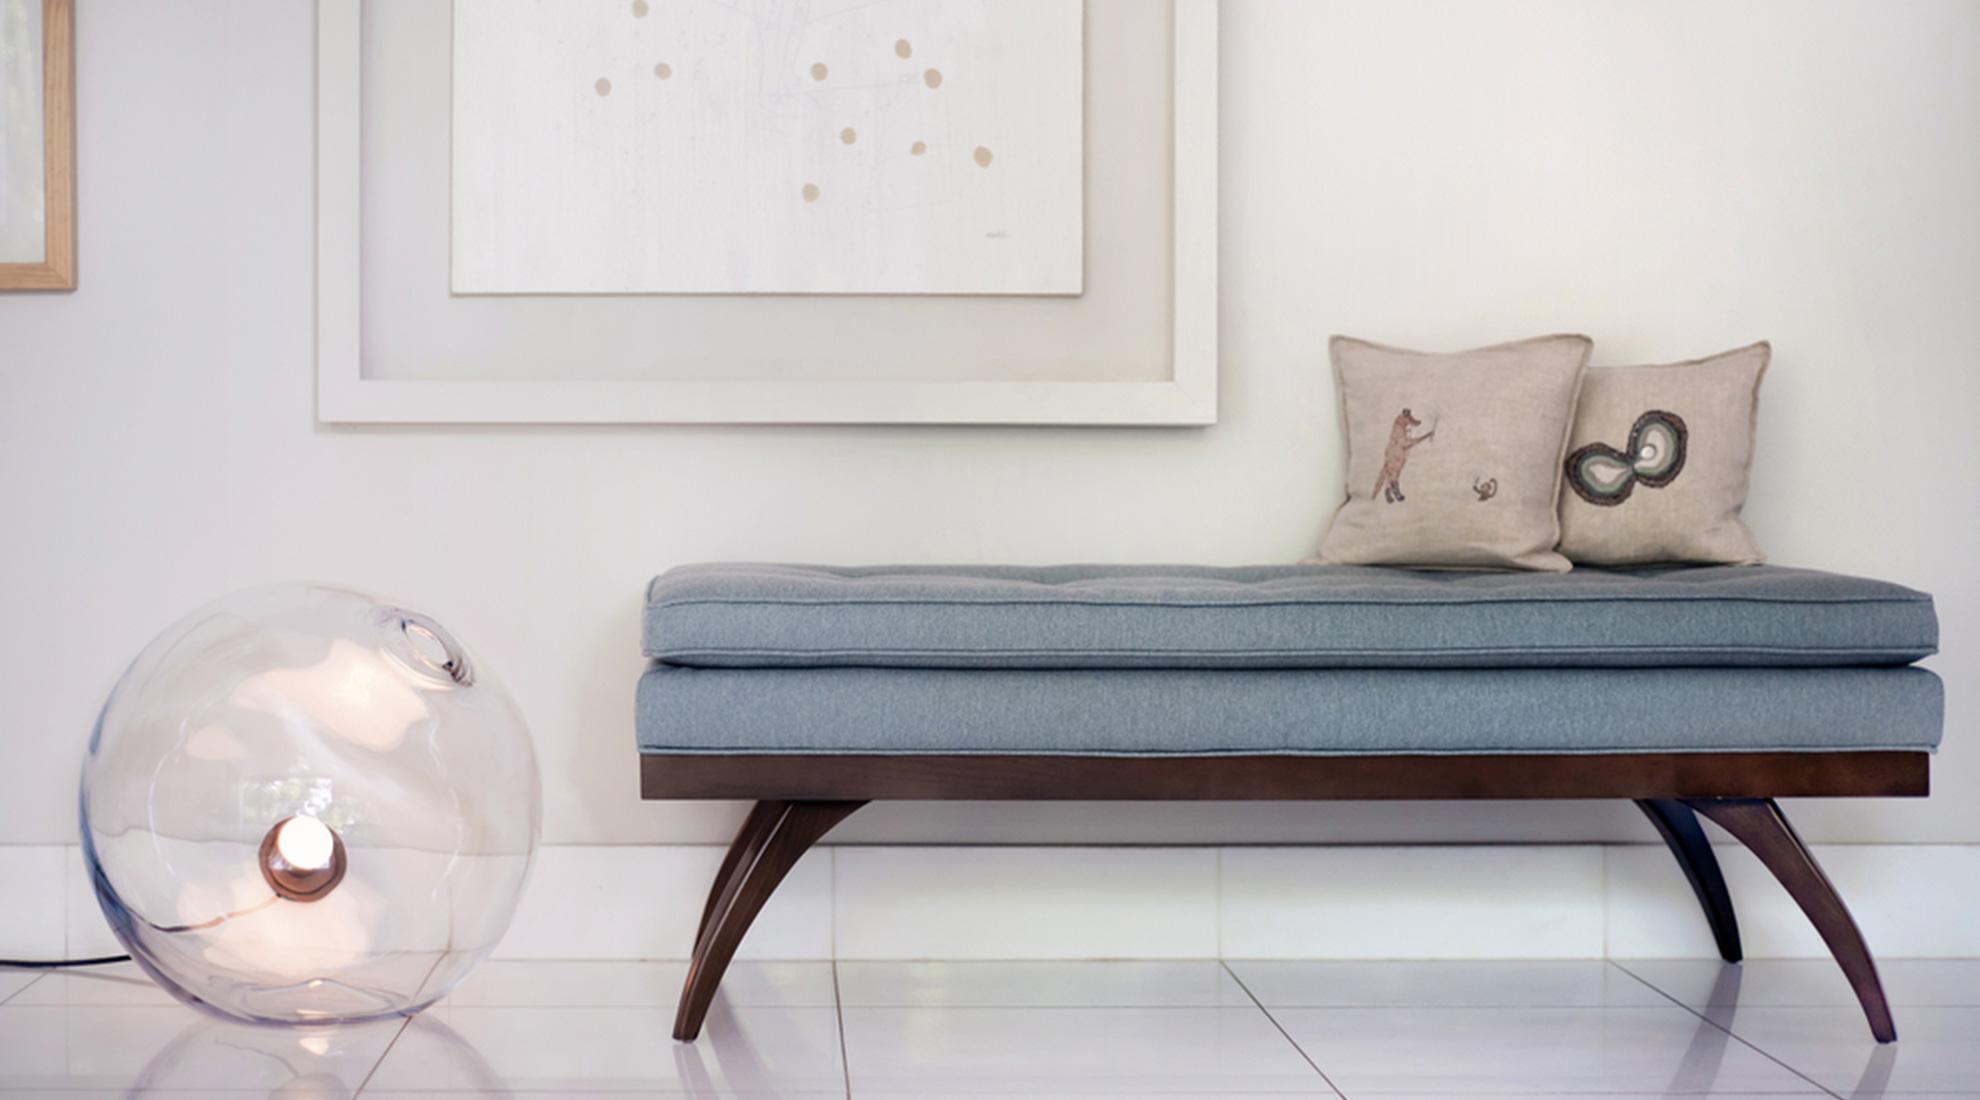 Float Floor/Table Lamp by SkLO